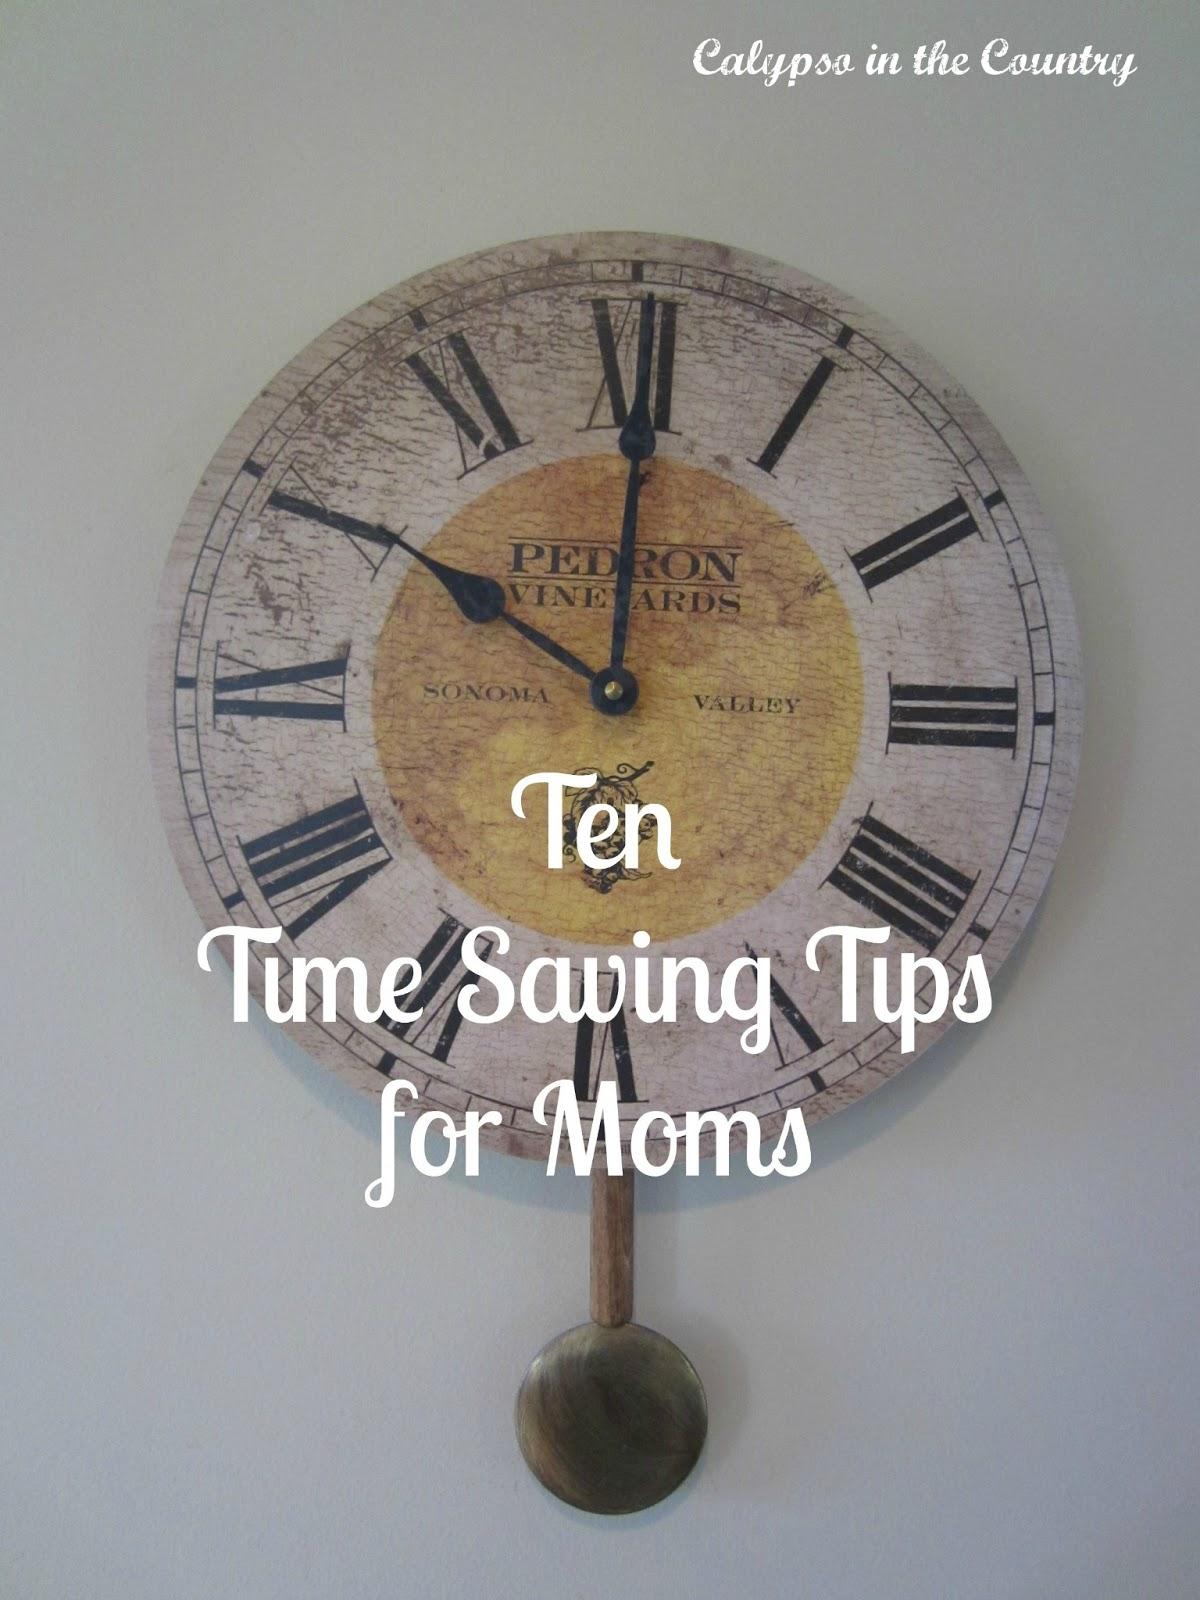 Ten Time Saving Tips for Moms